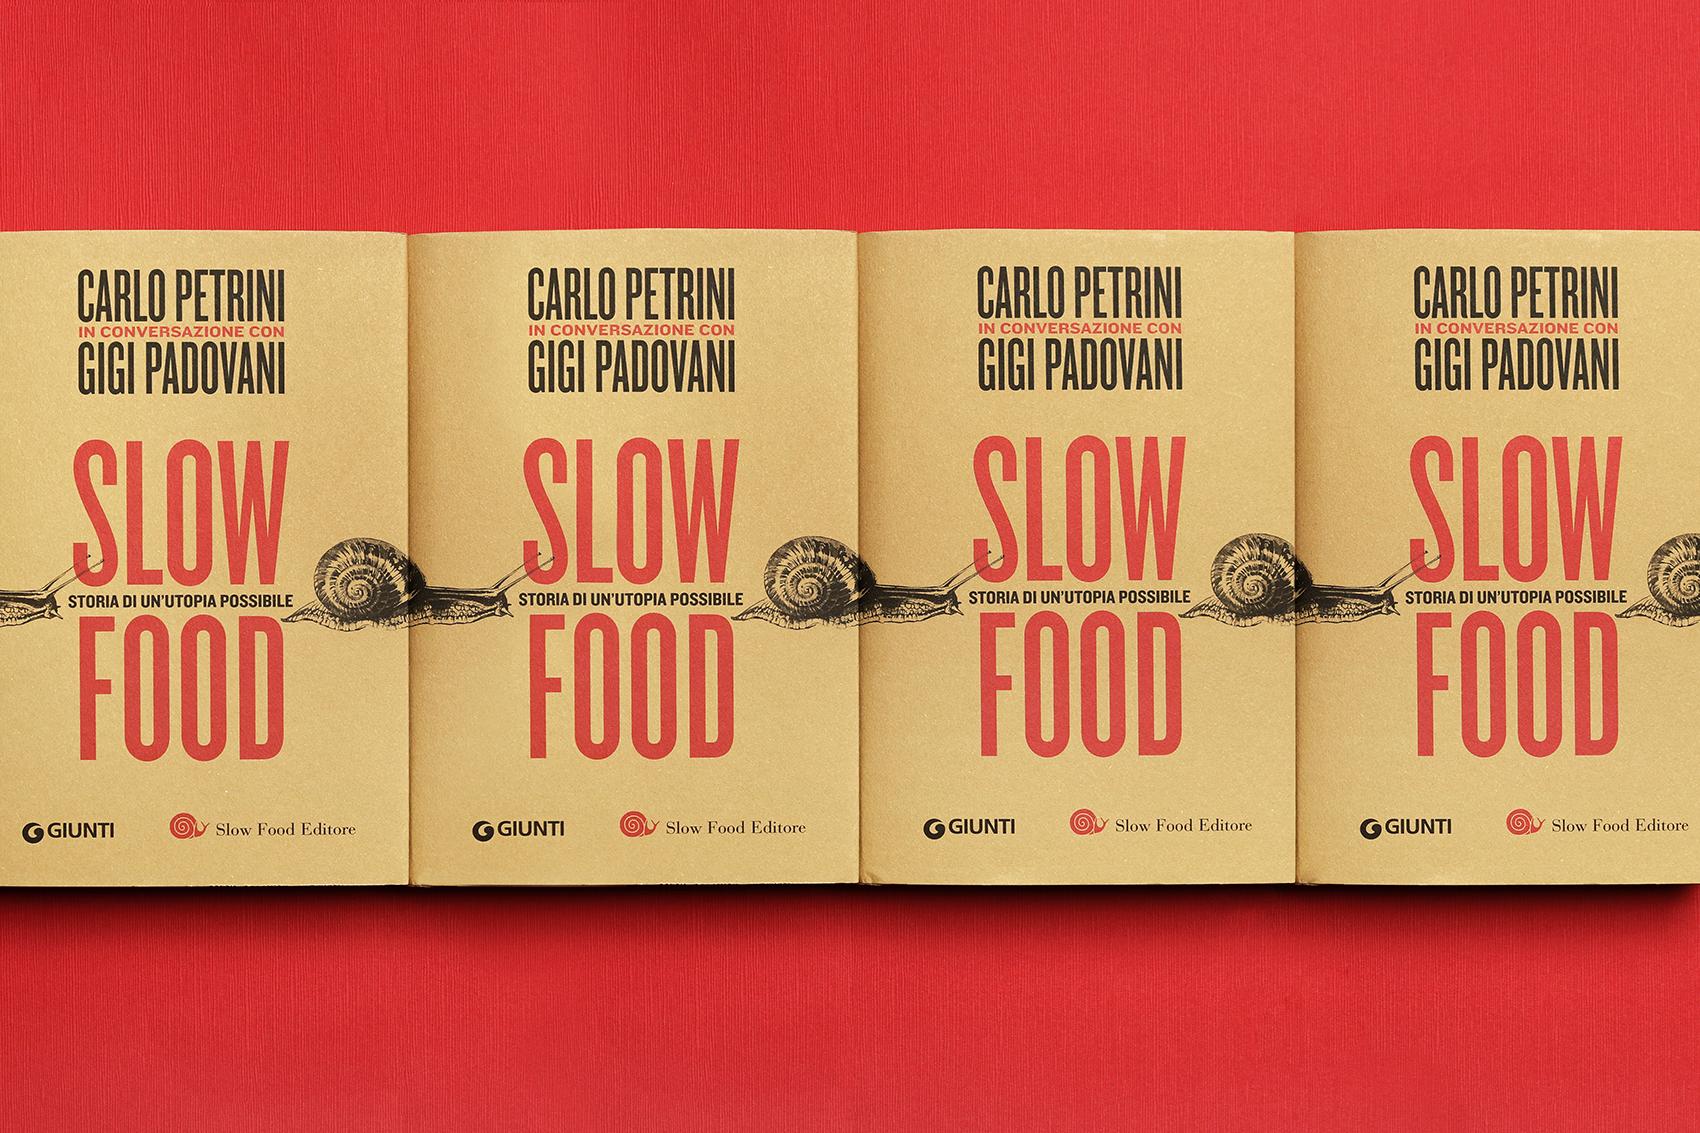 VIRGILLO_slowfood_petrini_padovani